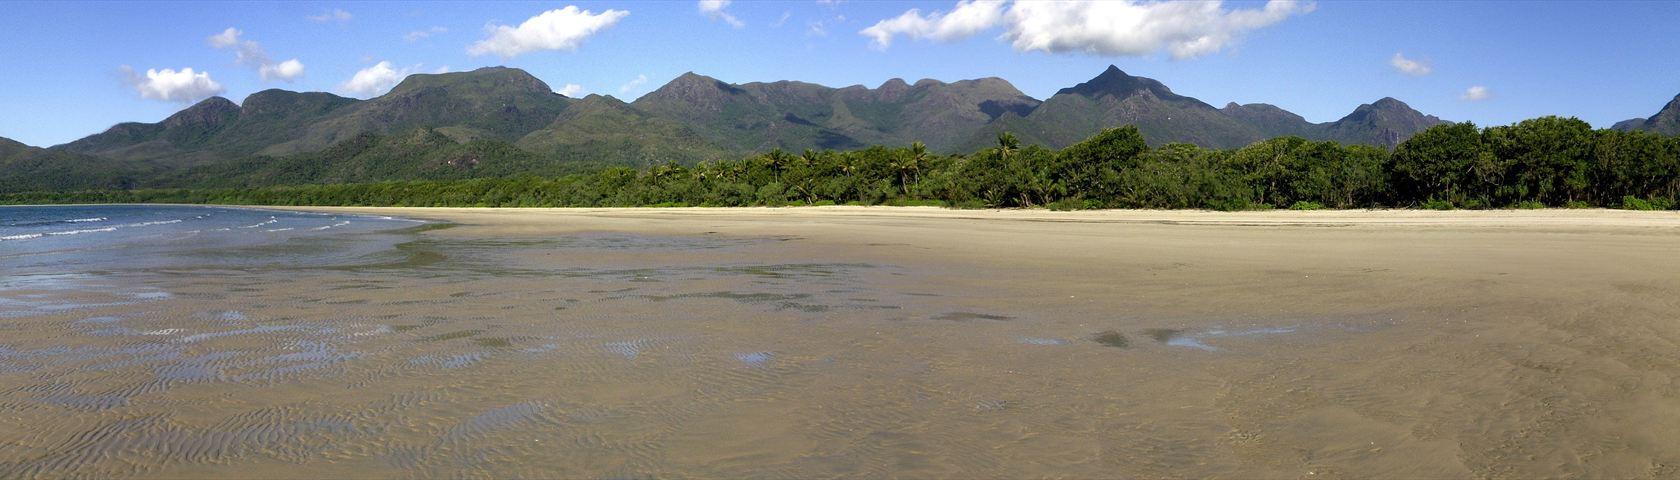 Zoe Beach Panorama